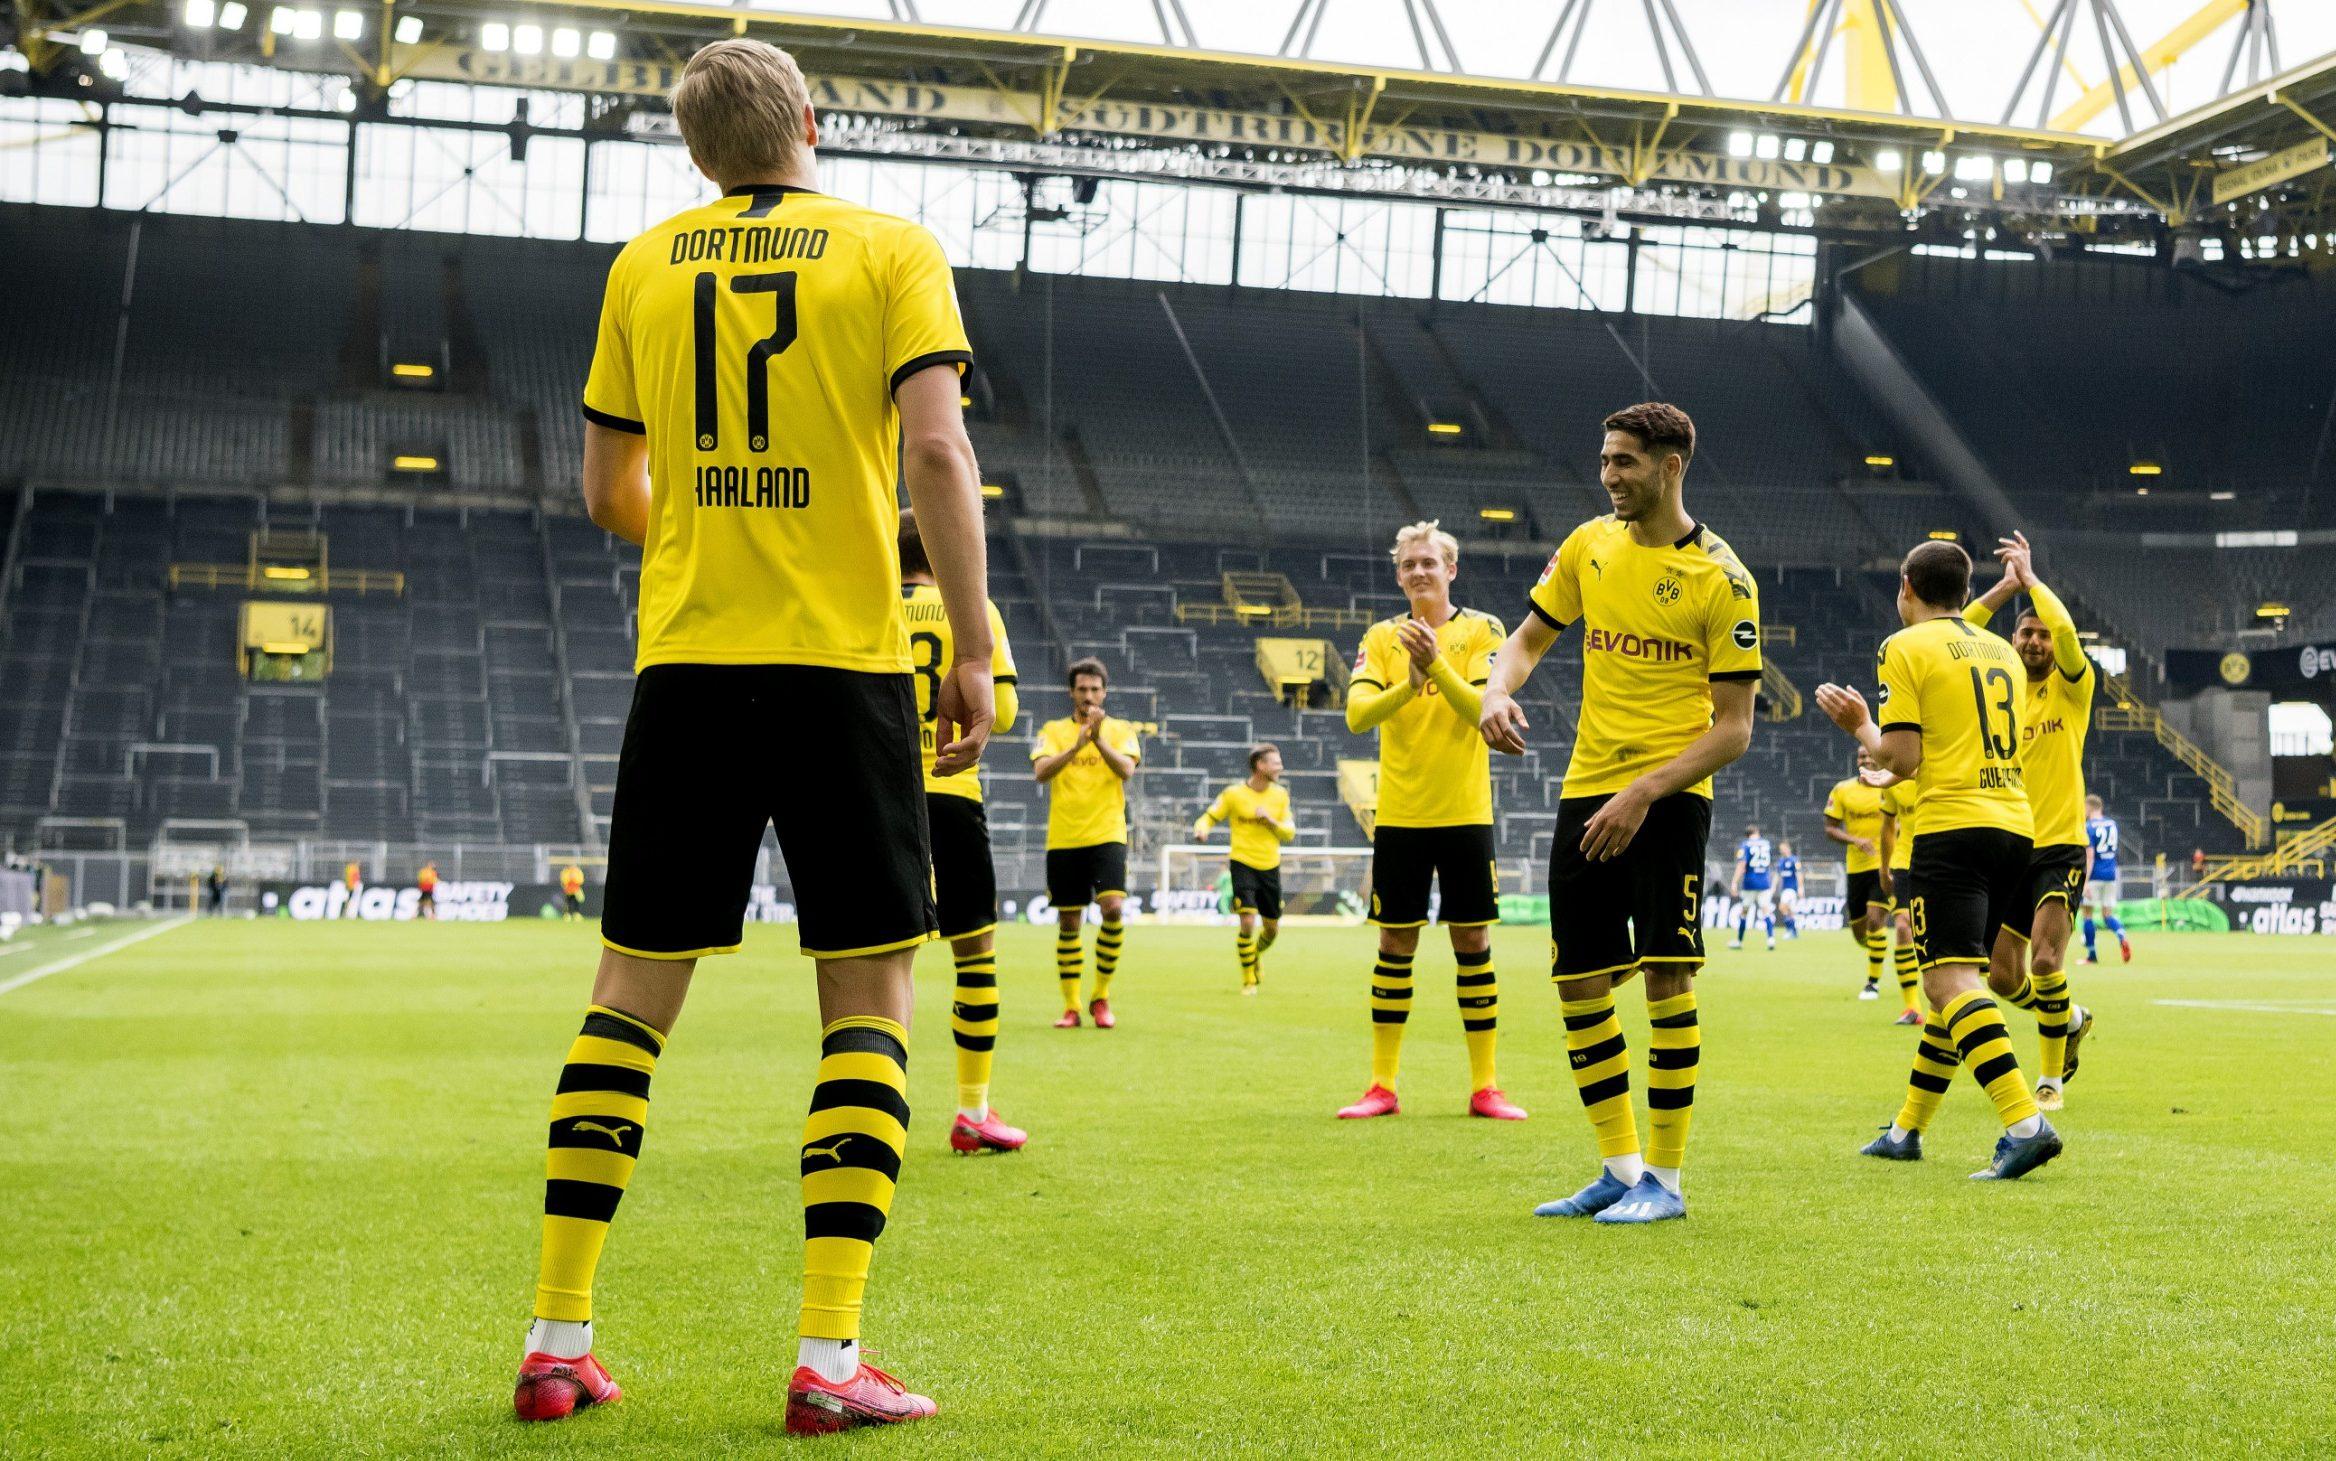 Trận derby Dortmund - Schalke cách đây hơn 1 tháng là trận đấu dùng âm thanh giả đầu tiên